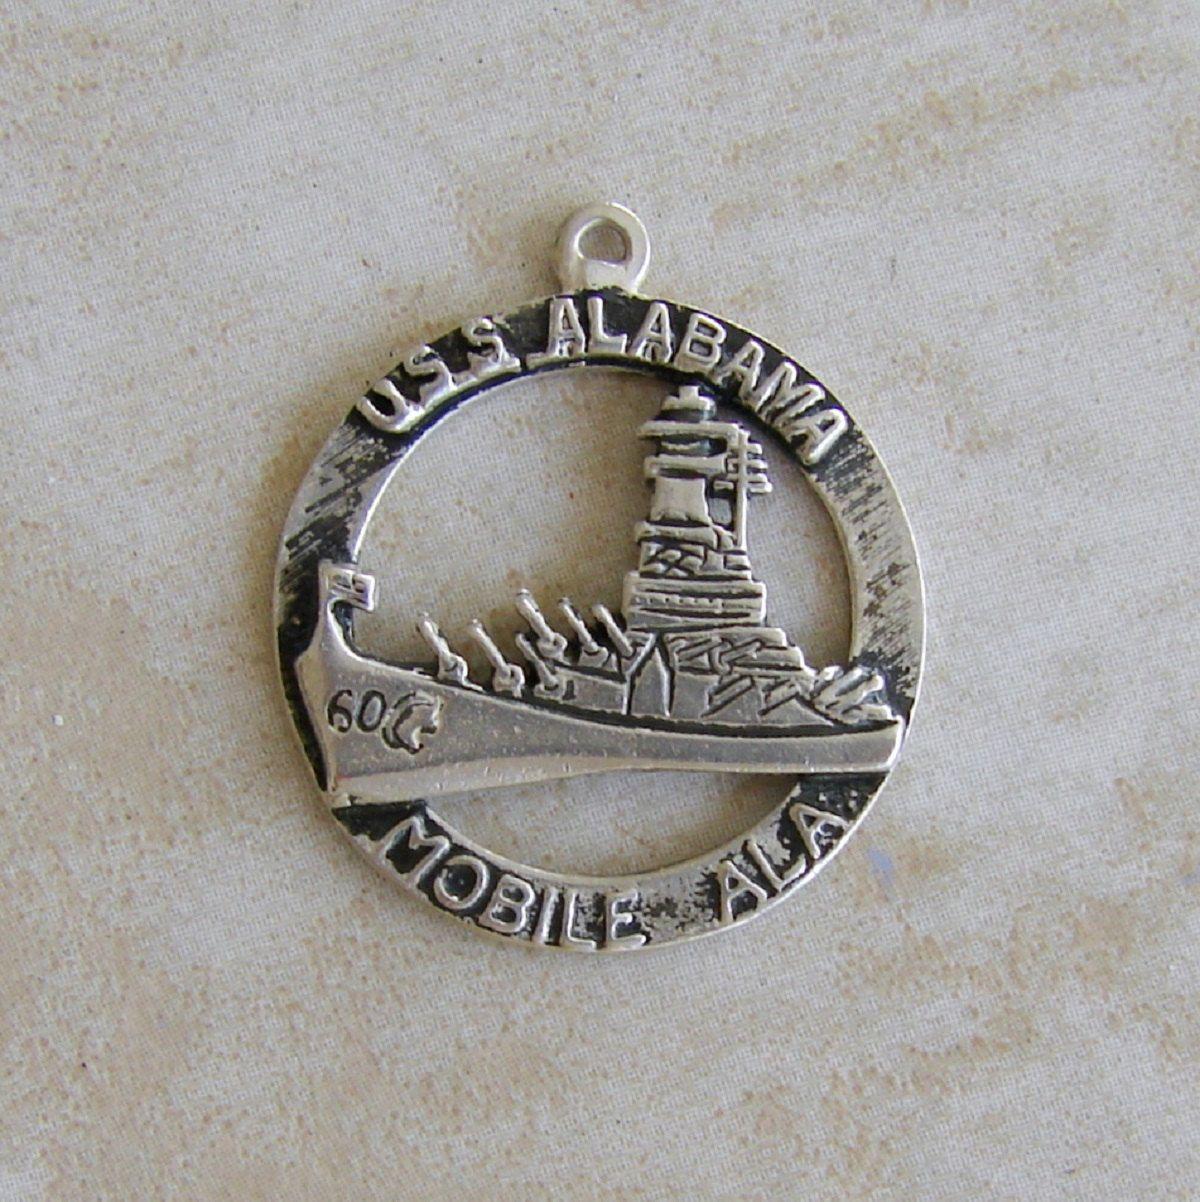 Alabama Charm Bracelet: USS Alabama Ship World War II Battleship Sterling Silver